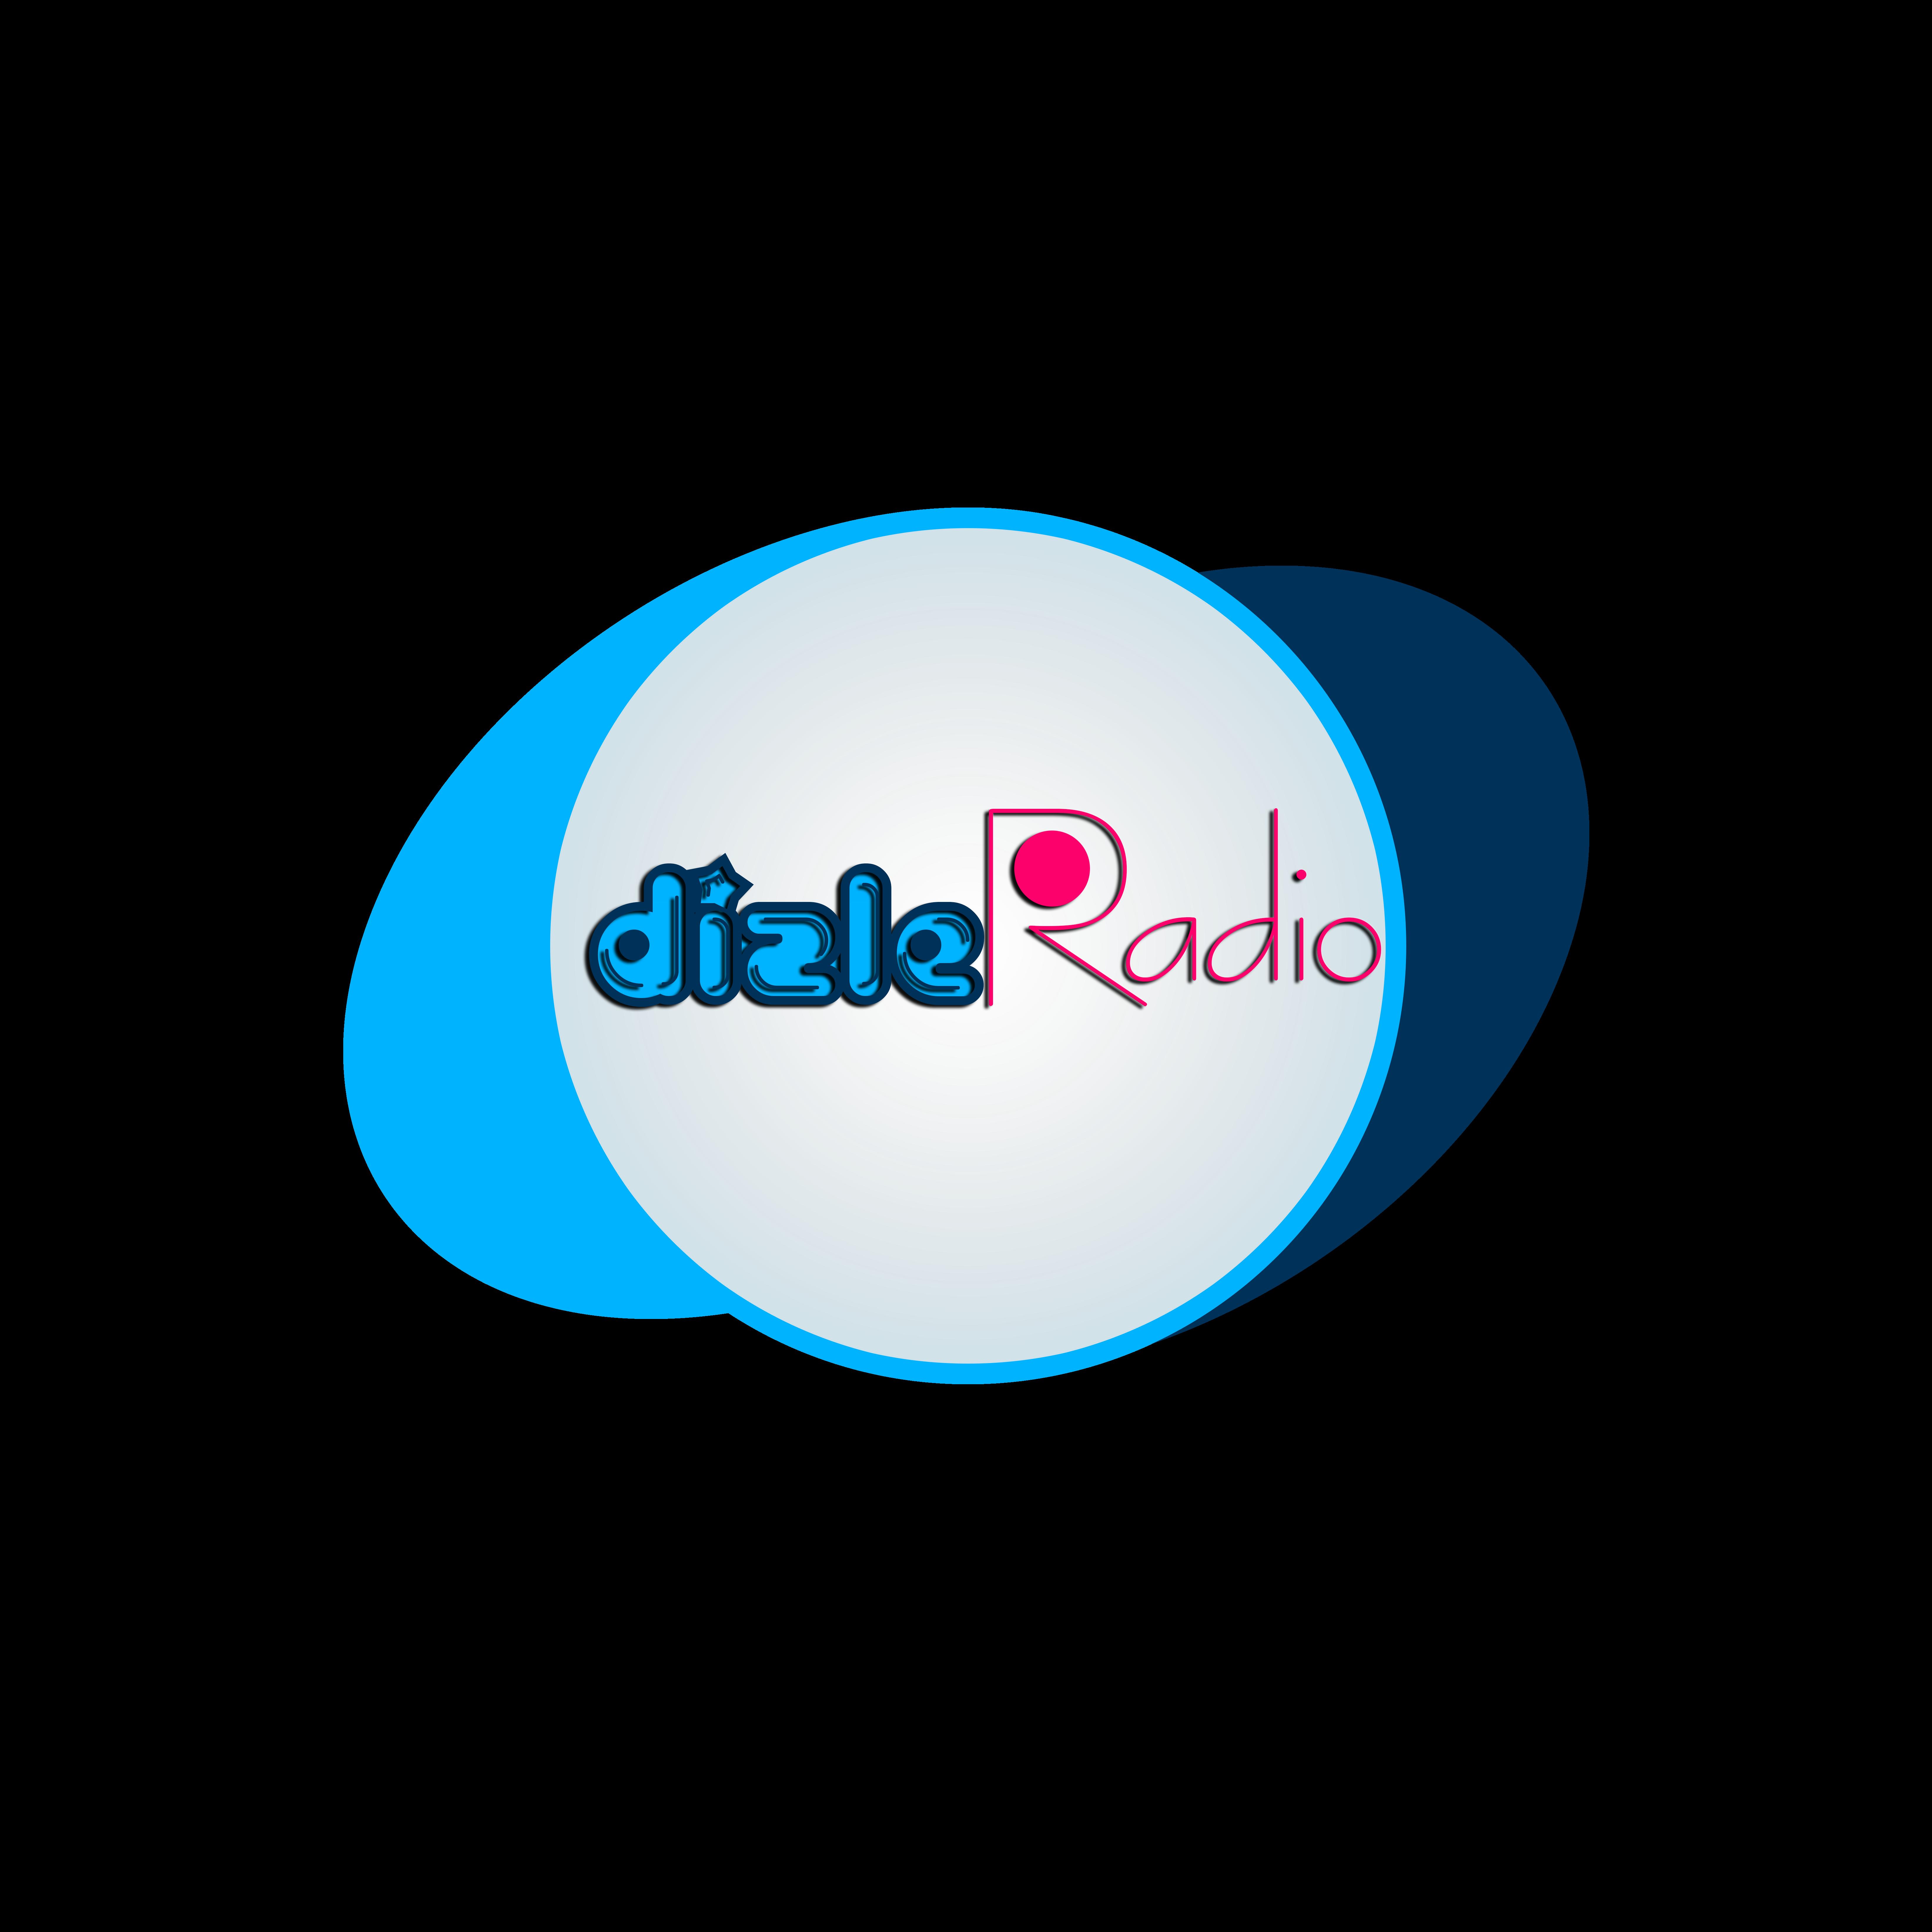 Dizle Radio